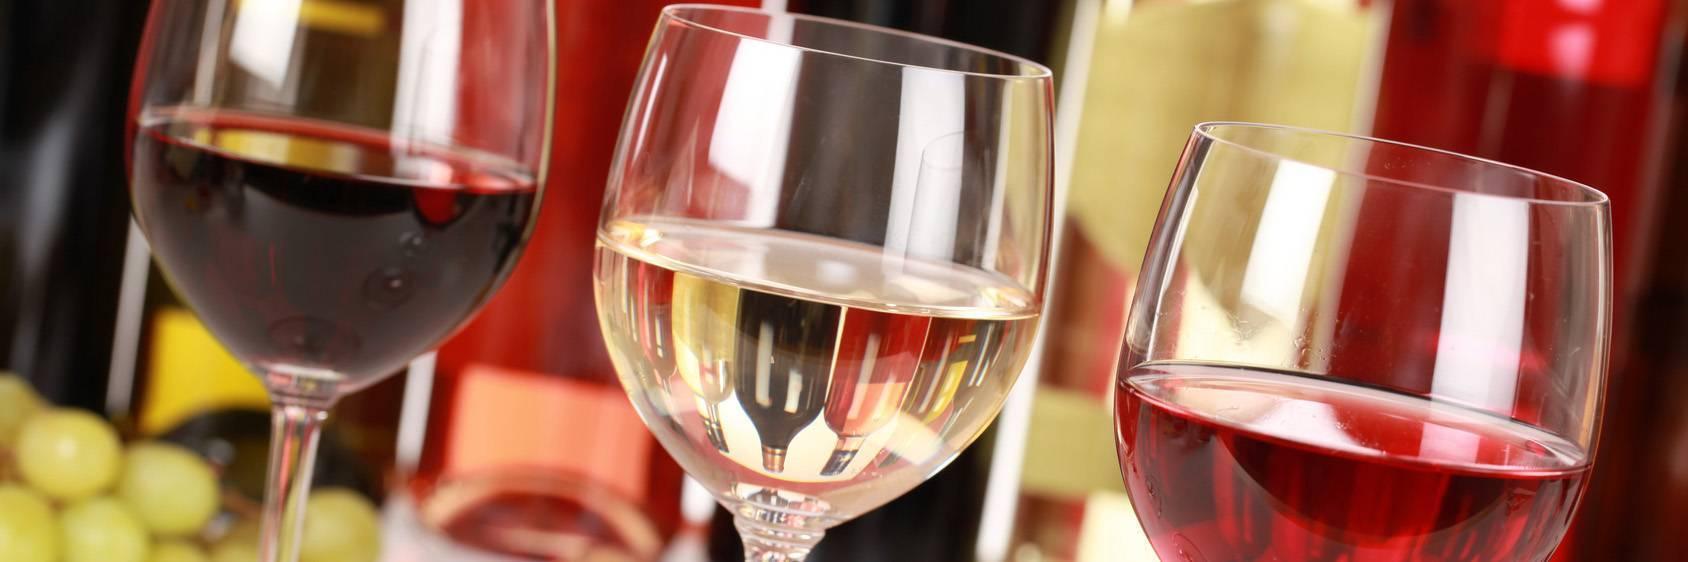 Что делать, если горчит домашнее вино?